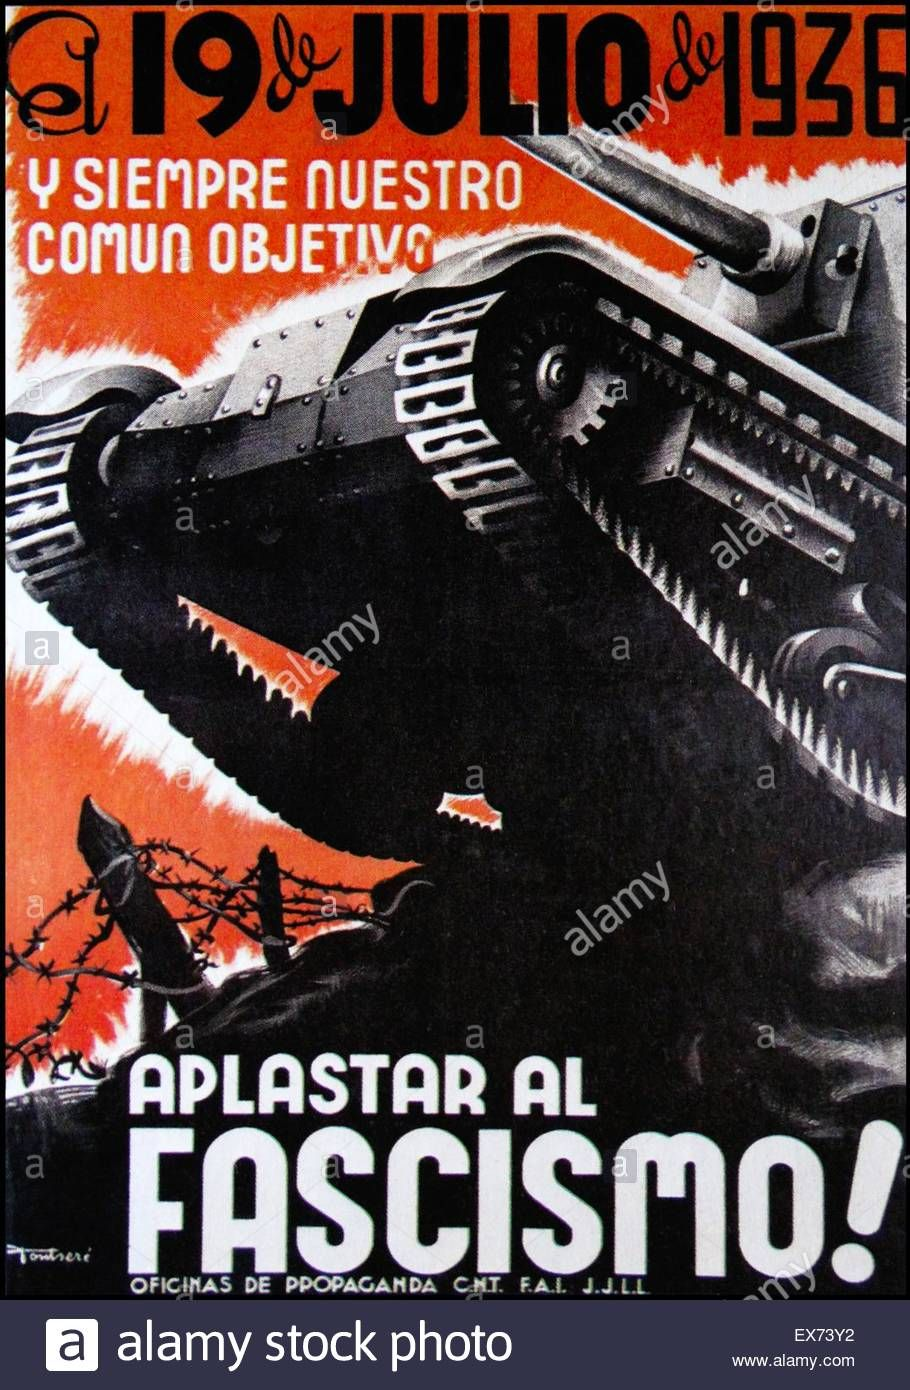 Spanish Civil War Propaganda Poster El 19 De Julio Y Siempre Stock Photo Royalty Free Image 84979302 Alamy Propaganda Art Civil War Art Civil War